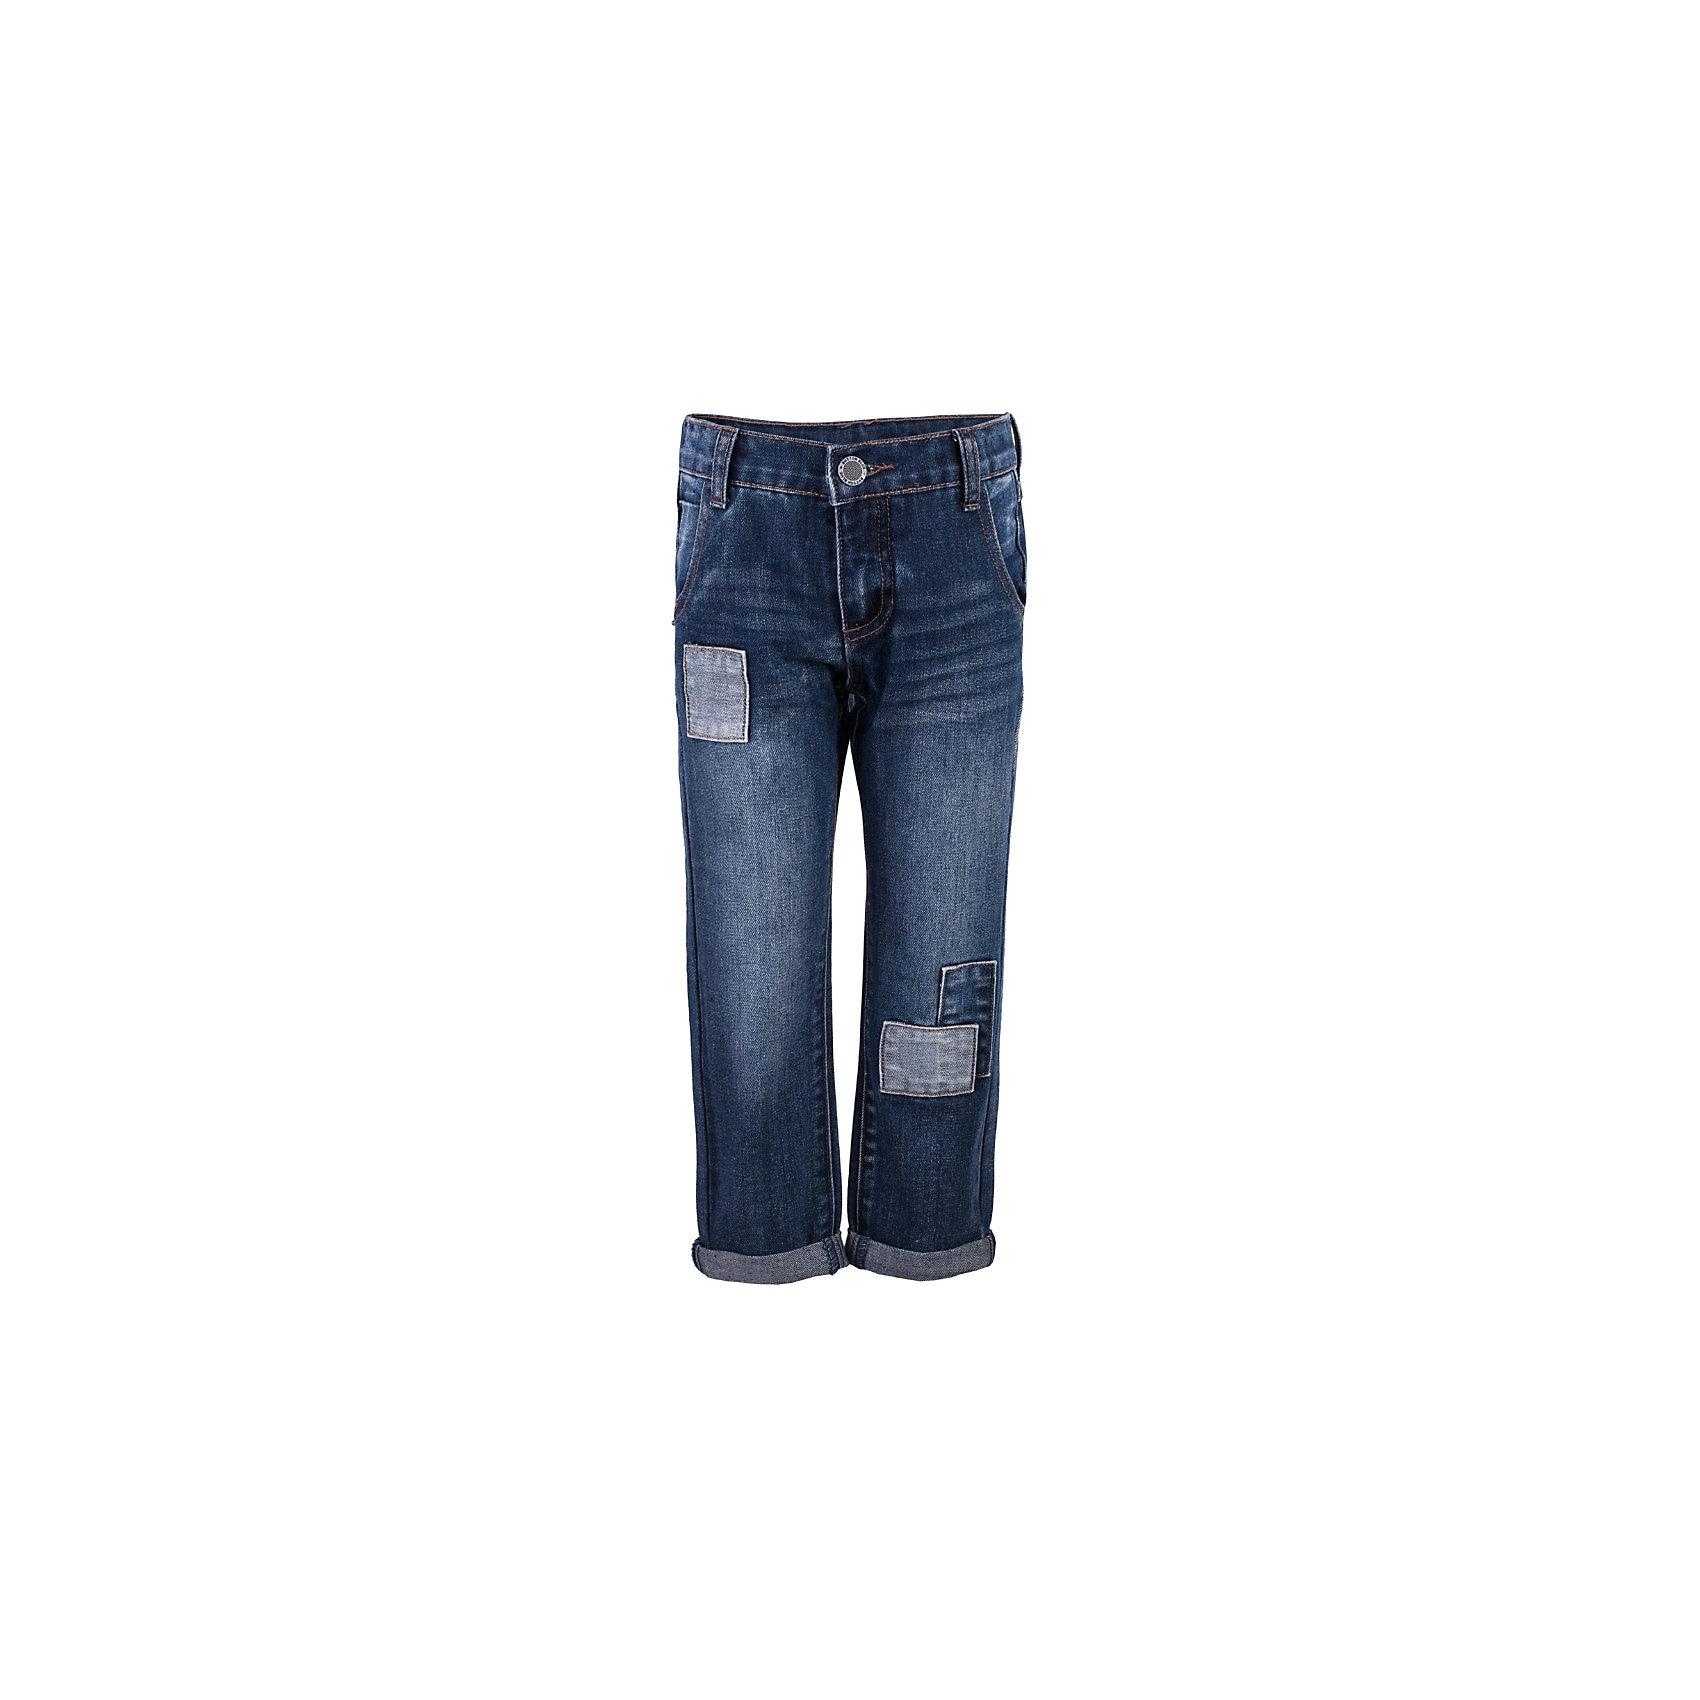 Джинсы для мальчика  BUTTON BLUEДжинсовая одежда<br>Джинсы для мальчика  BUTTON BLUE<br>Классные синие джинсы с потертостями и повреждениями — гарантия модного современного образа! Хороший крой, удобная посадка на фигуре подарят мальчику комфорт и свободу движений. Если вы хотите купить ребенку недорогие модные джинсы классического силуэта, модель от Button Blue - прекрасный выбор!<br>Состав:<br>100%  хлопок<br><br>Ширина мм: 215<br>Глубина мм: 88<br>Высота мм: 191<br>Вес г: 336<br>Цвет: синий<br>Возраст от месяцев: 144<br>Возраст до месяцев: 156<br>Пол: Мужской<br>Возраст: Детский<br>Размер: 98,104,110,116,122,128,134,140,146,158<br>SKU: 5524699